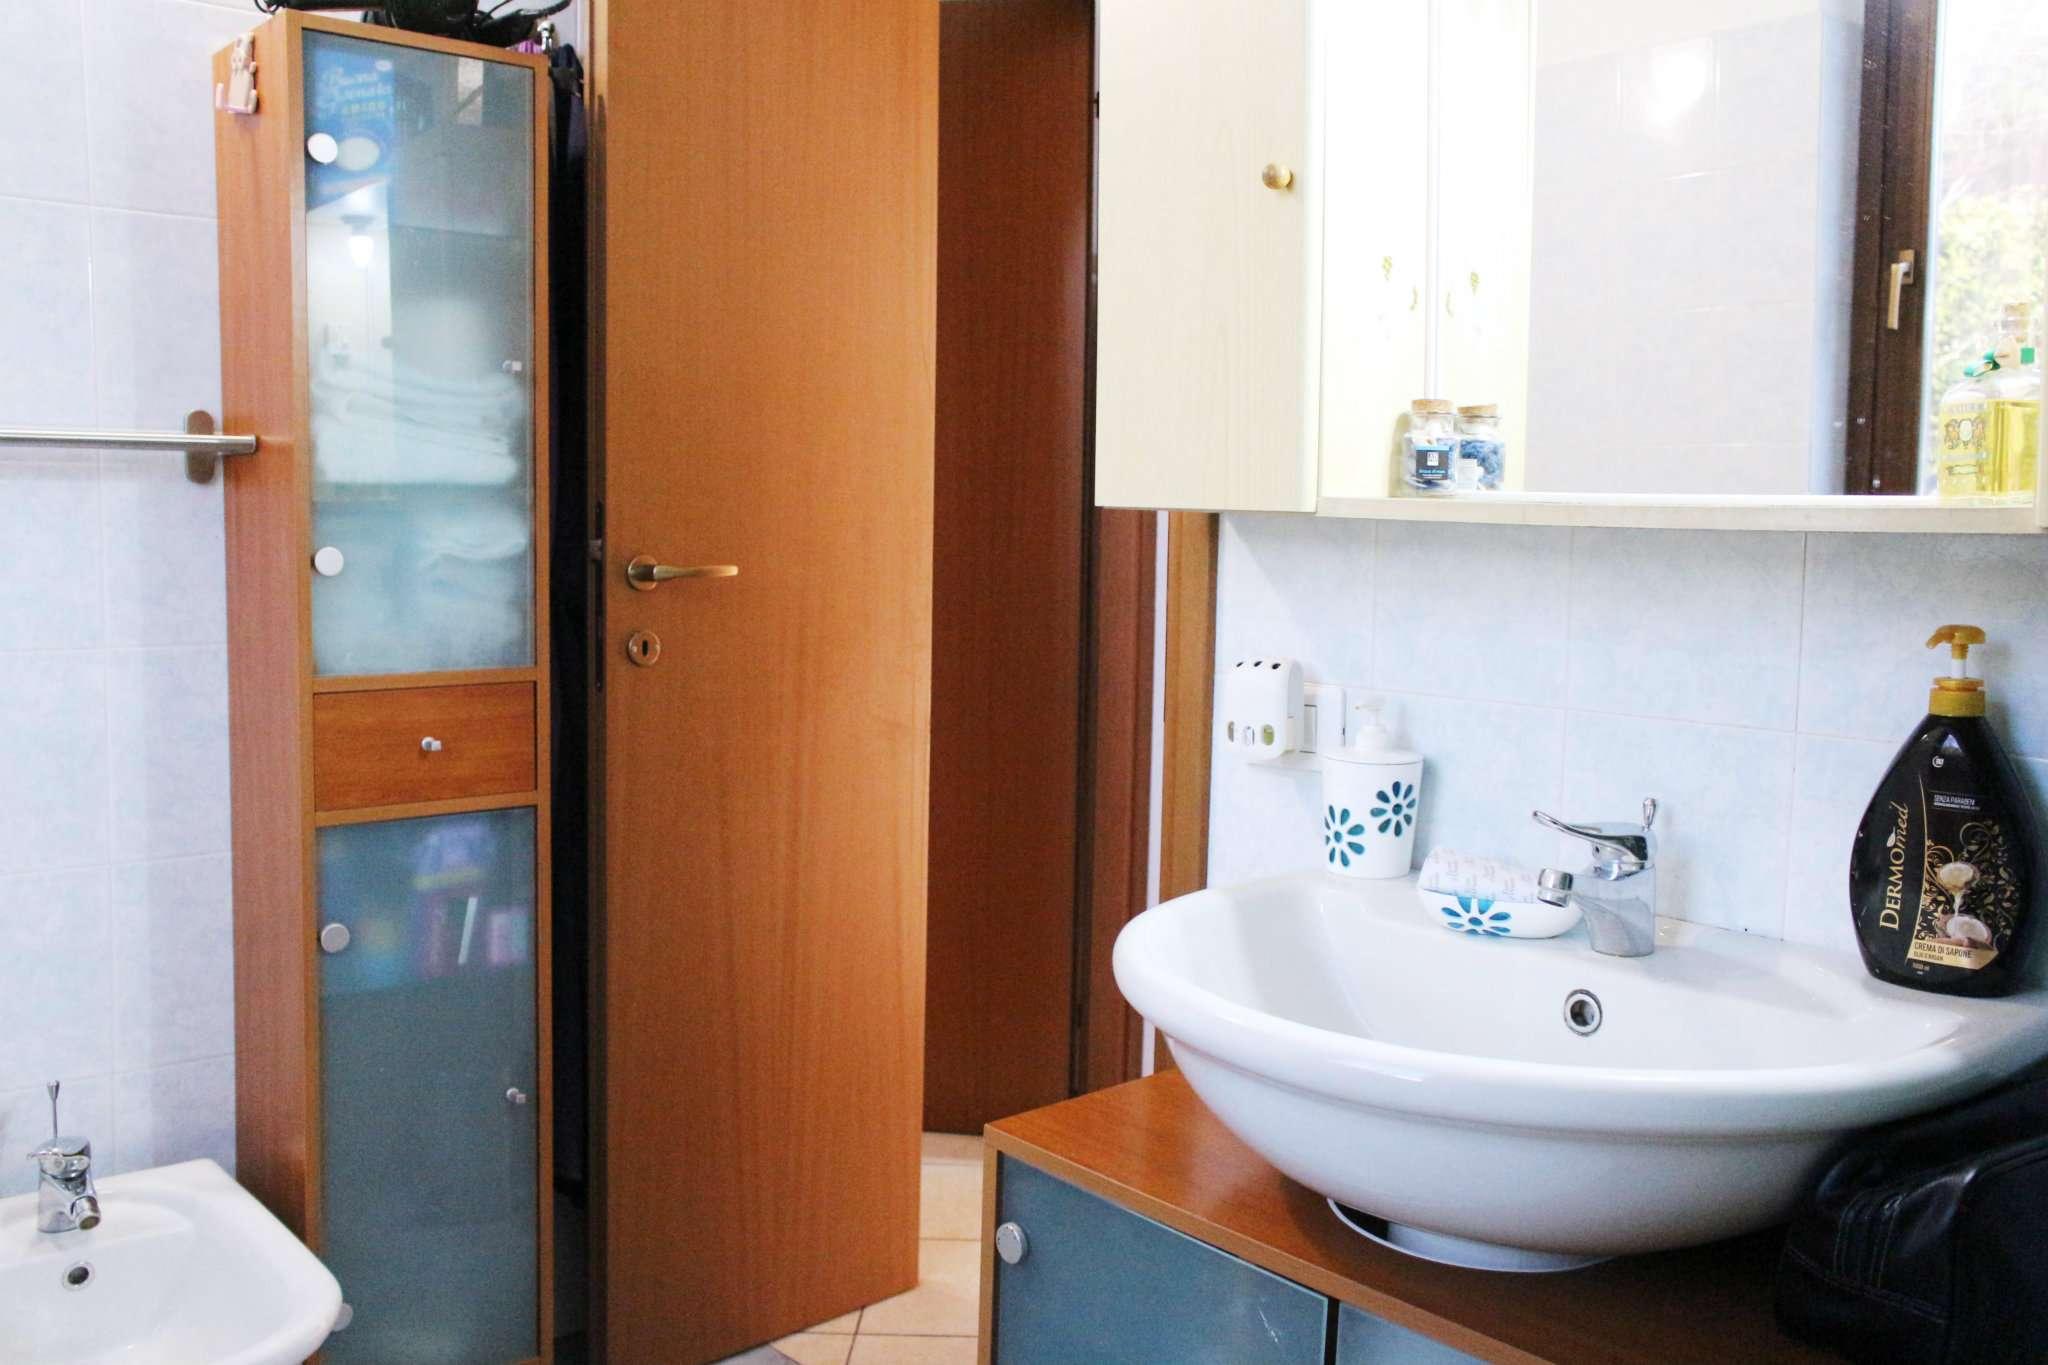 Appartamento in vendita a Villa d'Almè, 3 locali, prezzo € 155.000 | CambioCasa.it